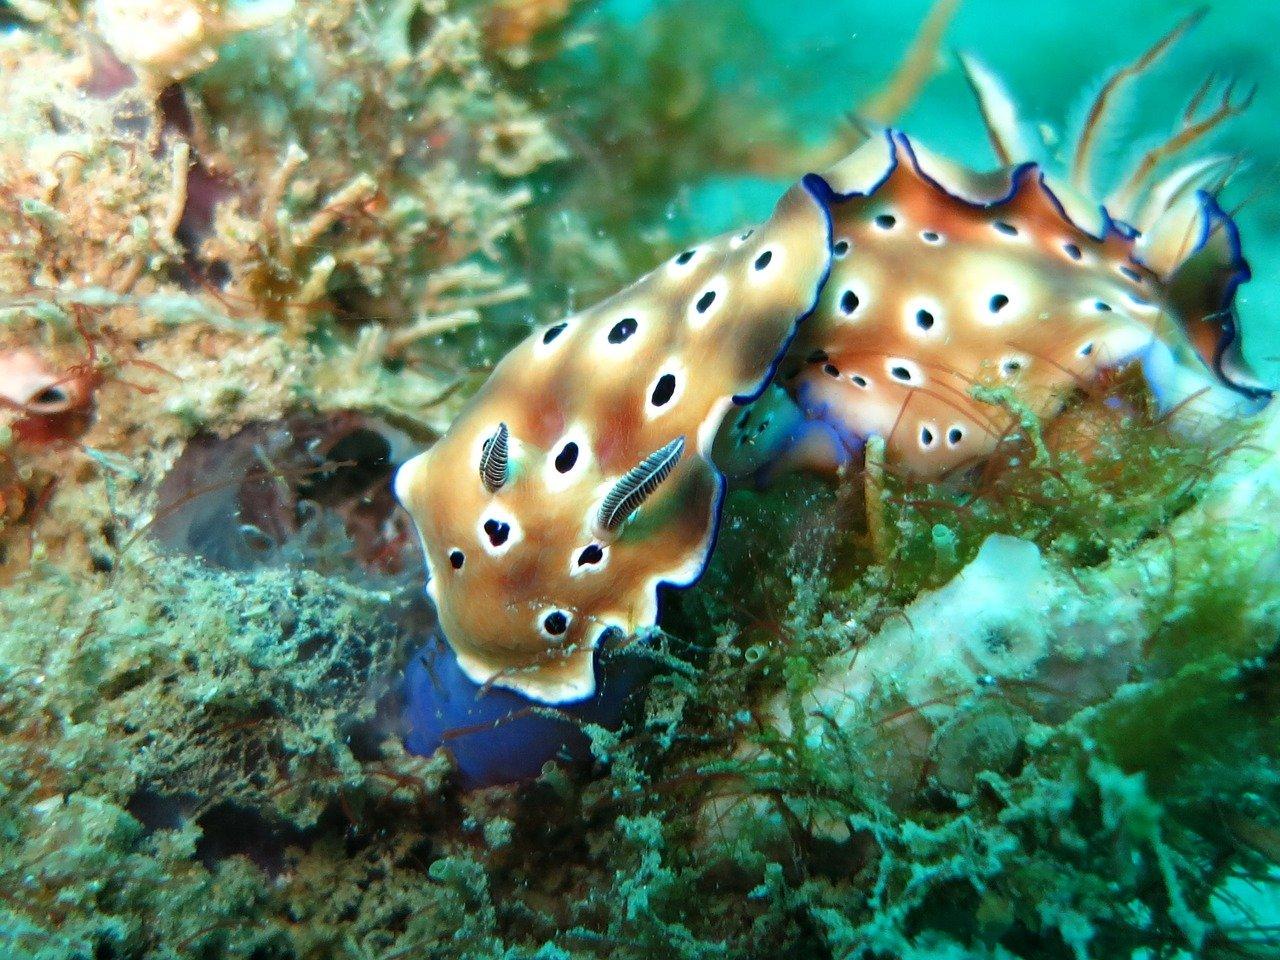 Nudibranch aquarium